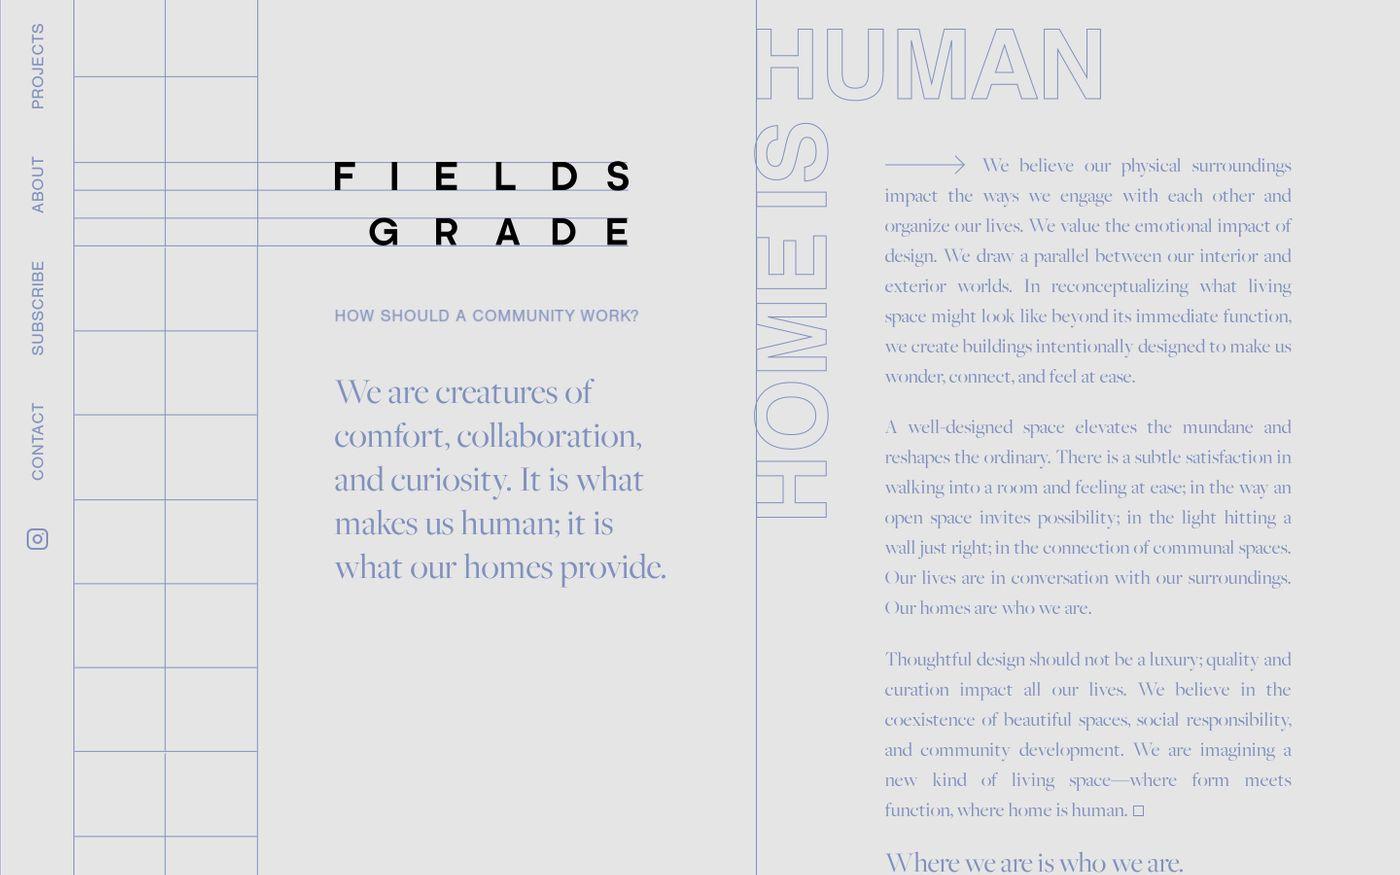 Screenshot of Fields Grade website